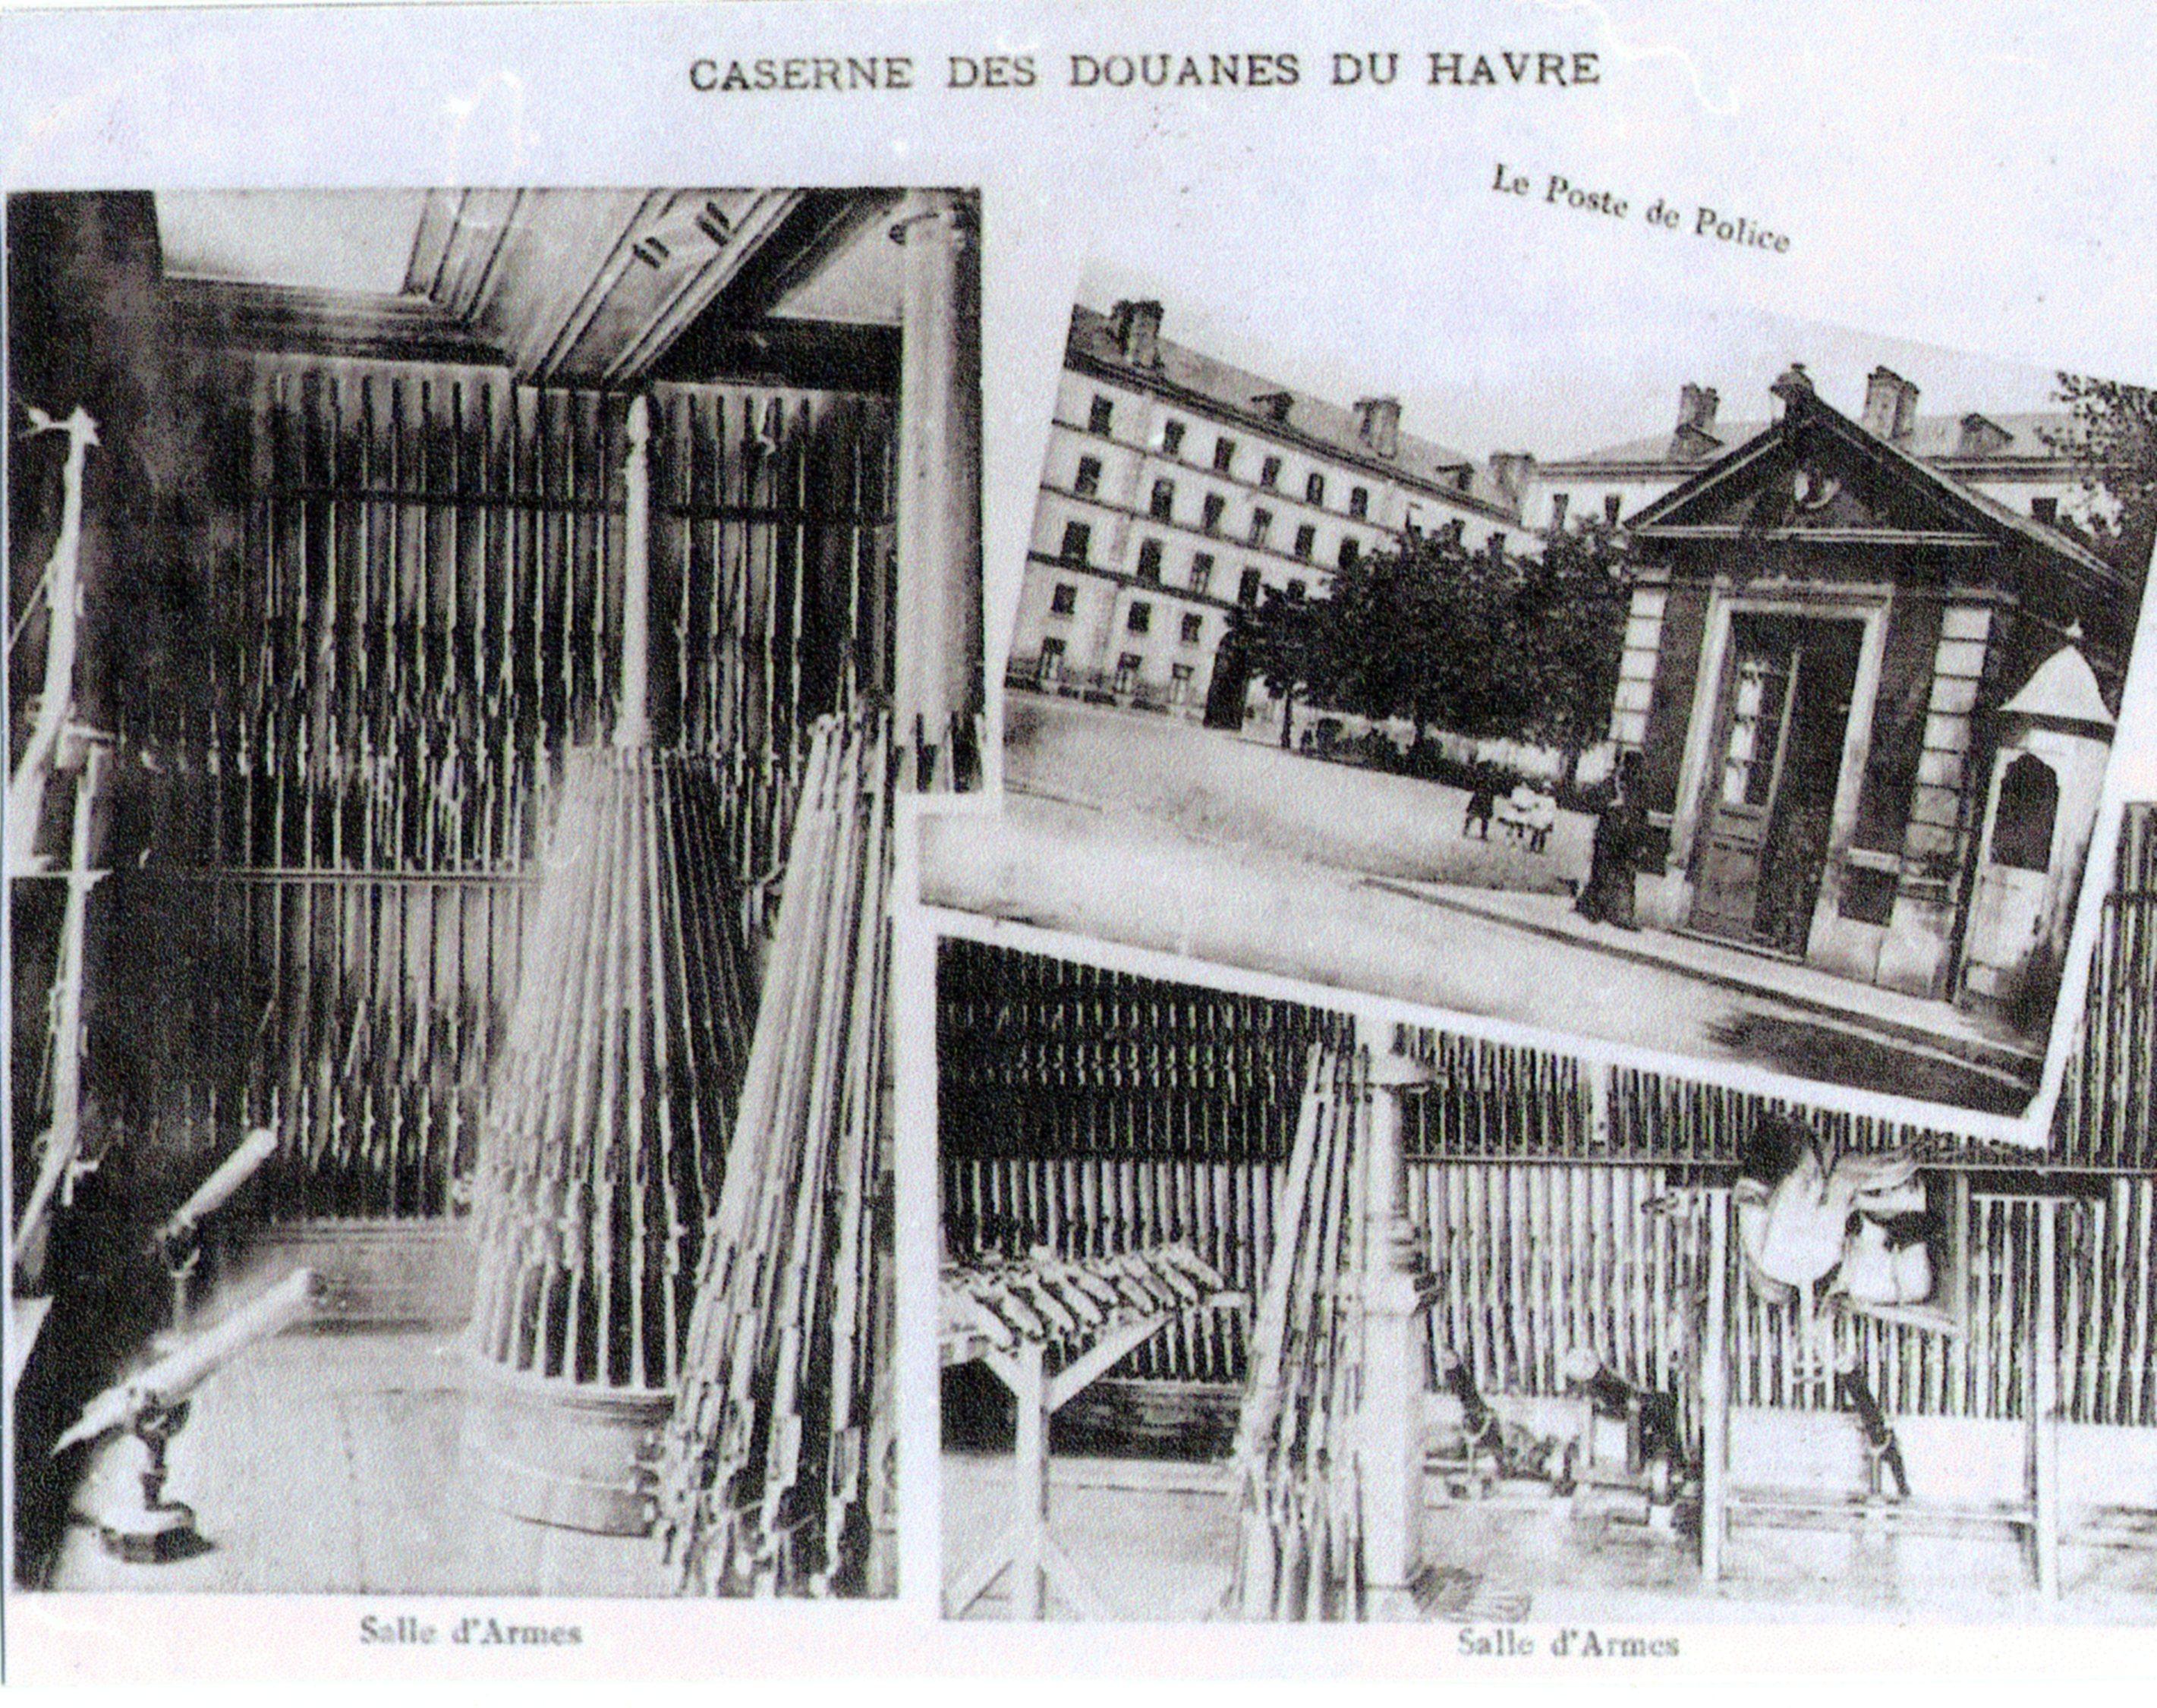 La salle d'armes. On y aperçoit les canons lance-amarres qui ornent l'entrée de l'actuelle direction des douanes.